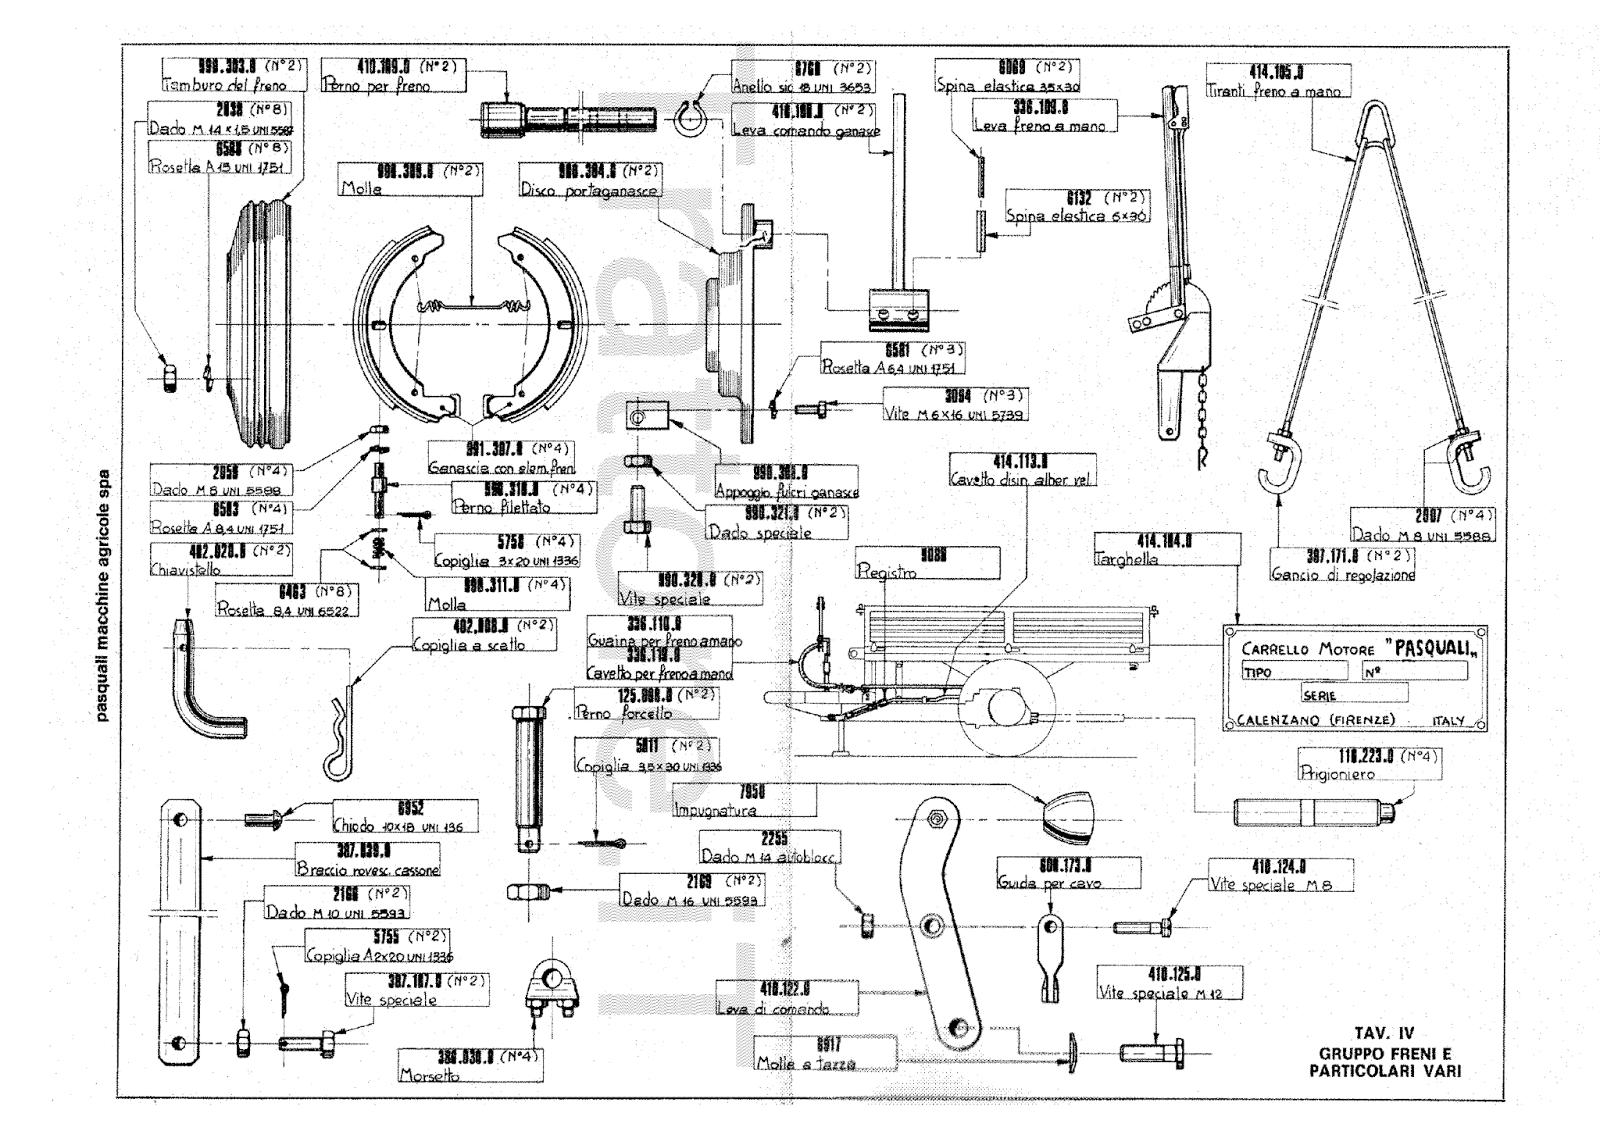 InfoTrattore.it: Rimorchio Pasquali 415 manuale ricambi